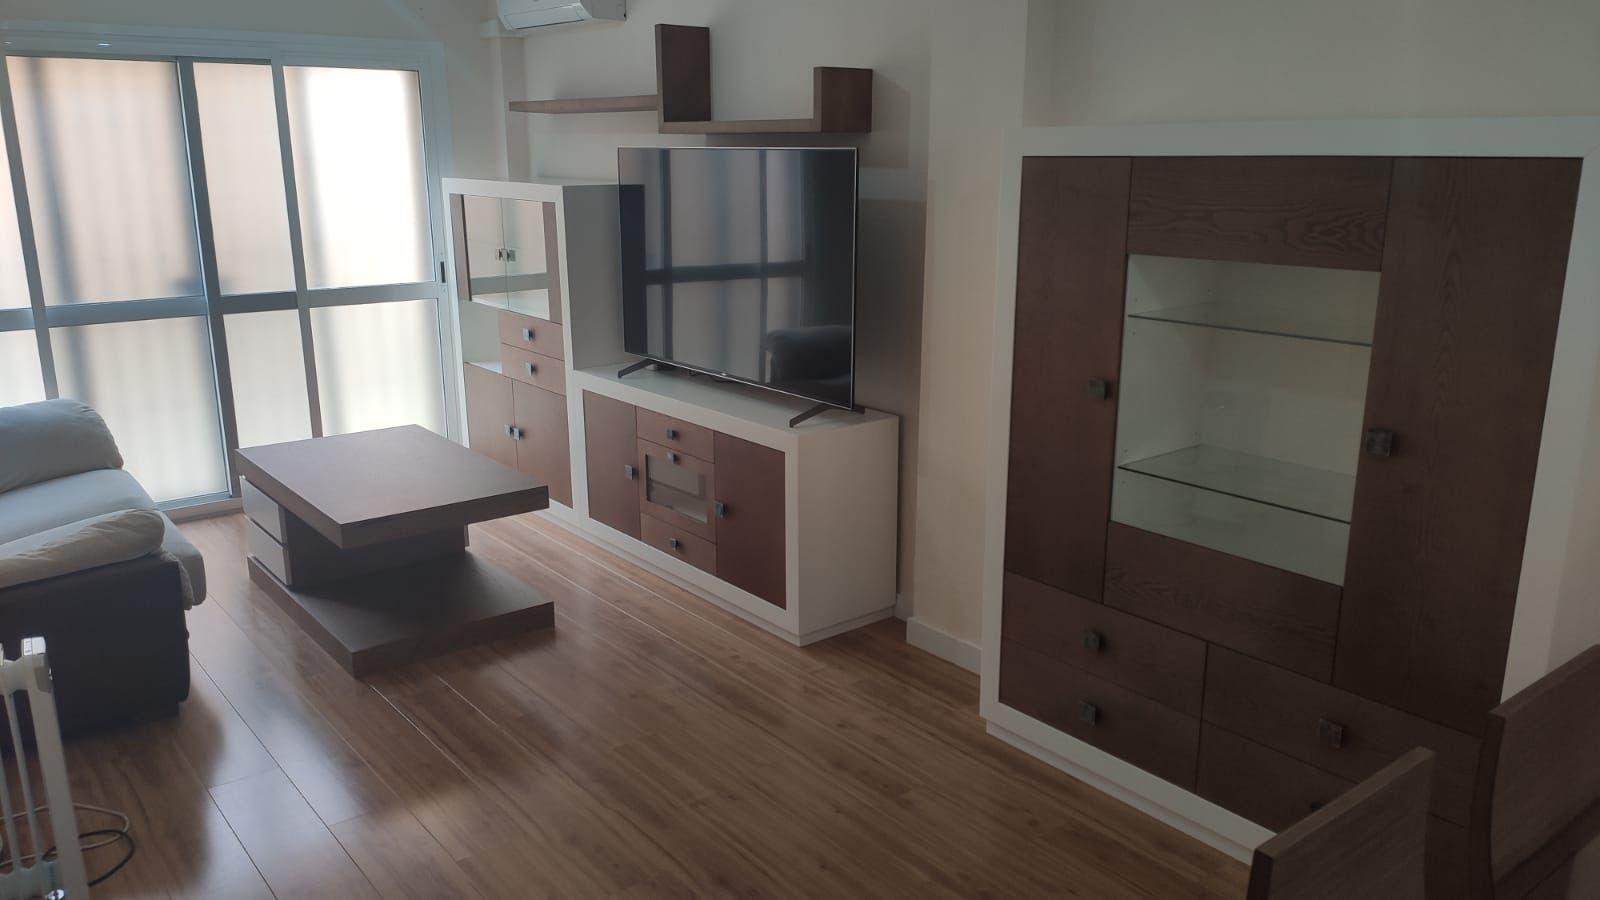 Decora tu salón con muebles de madera a la vista